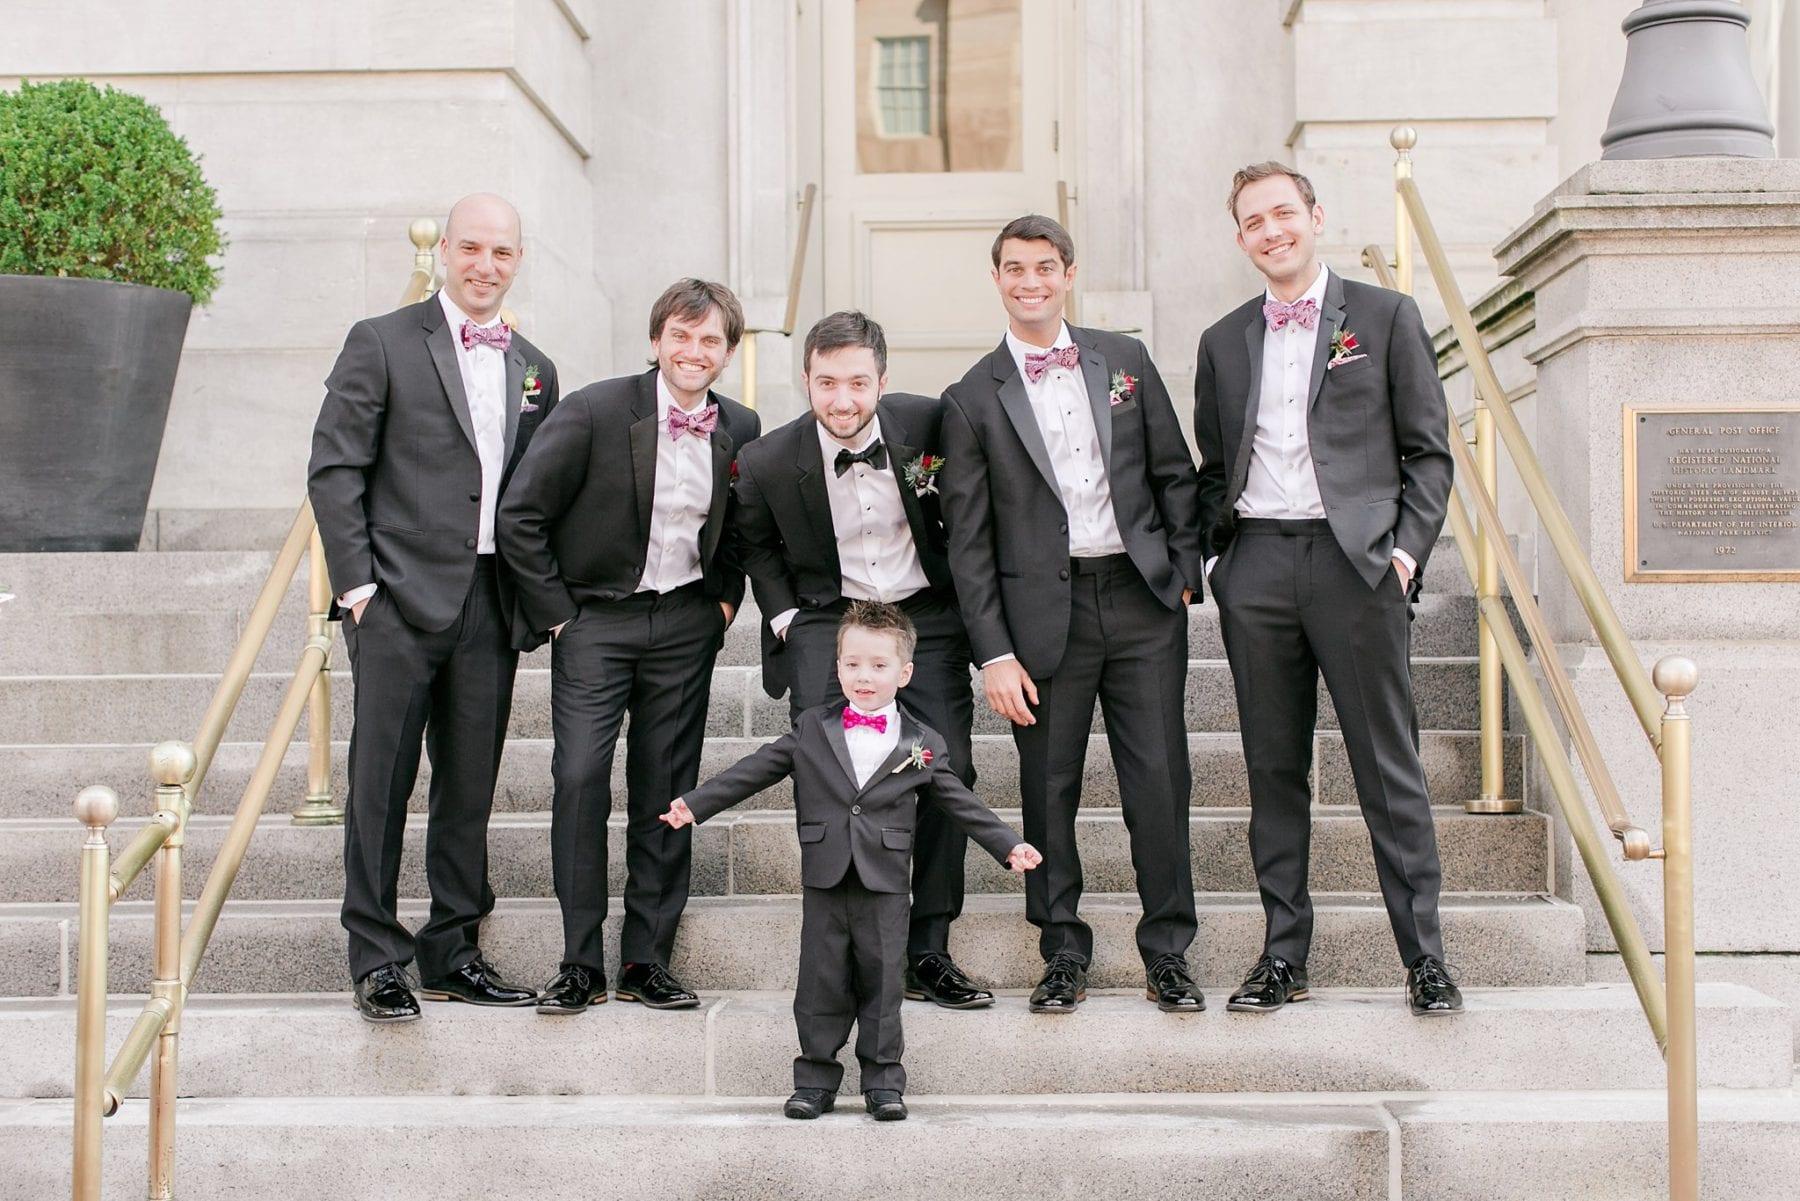 Hotel Monaco Washington DC Wedding Photos Megan Kelsey Photography Erin & Mike -196